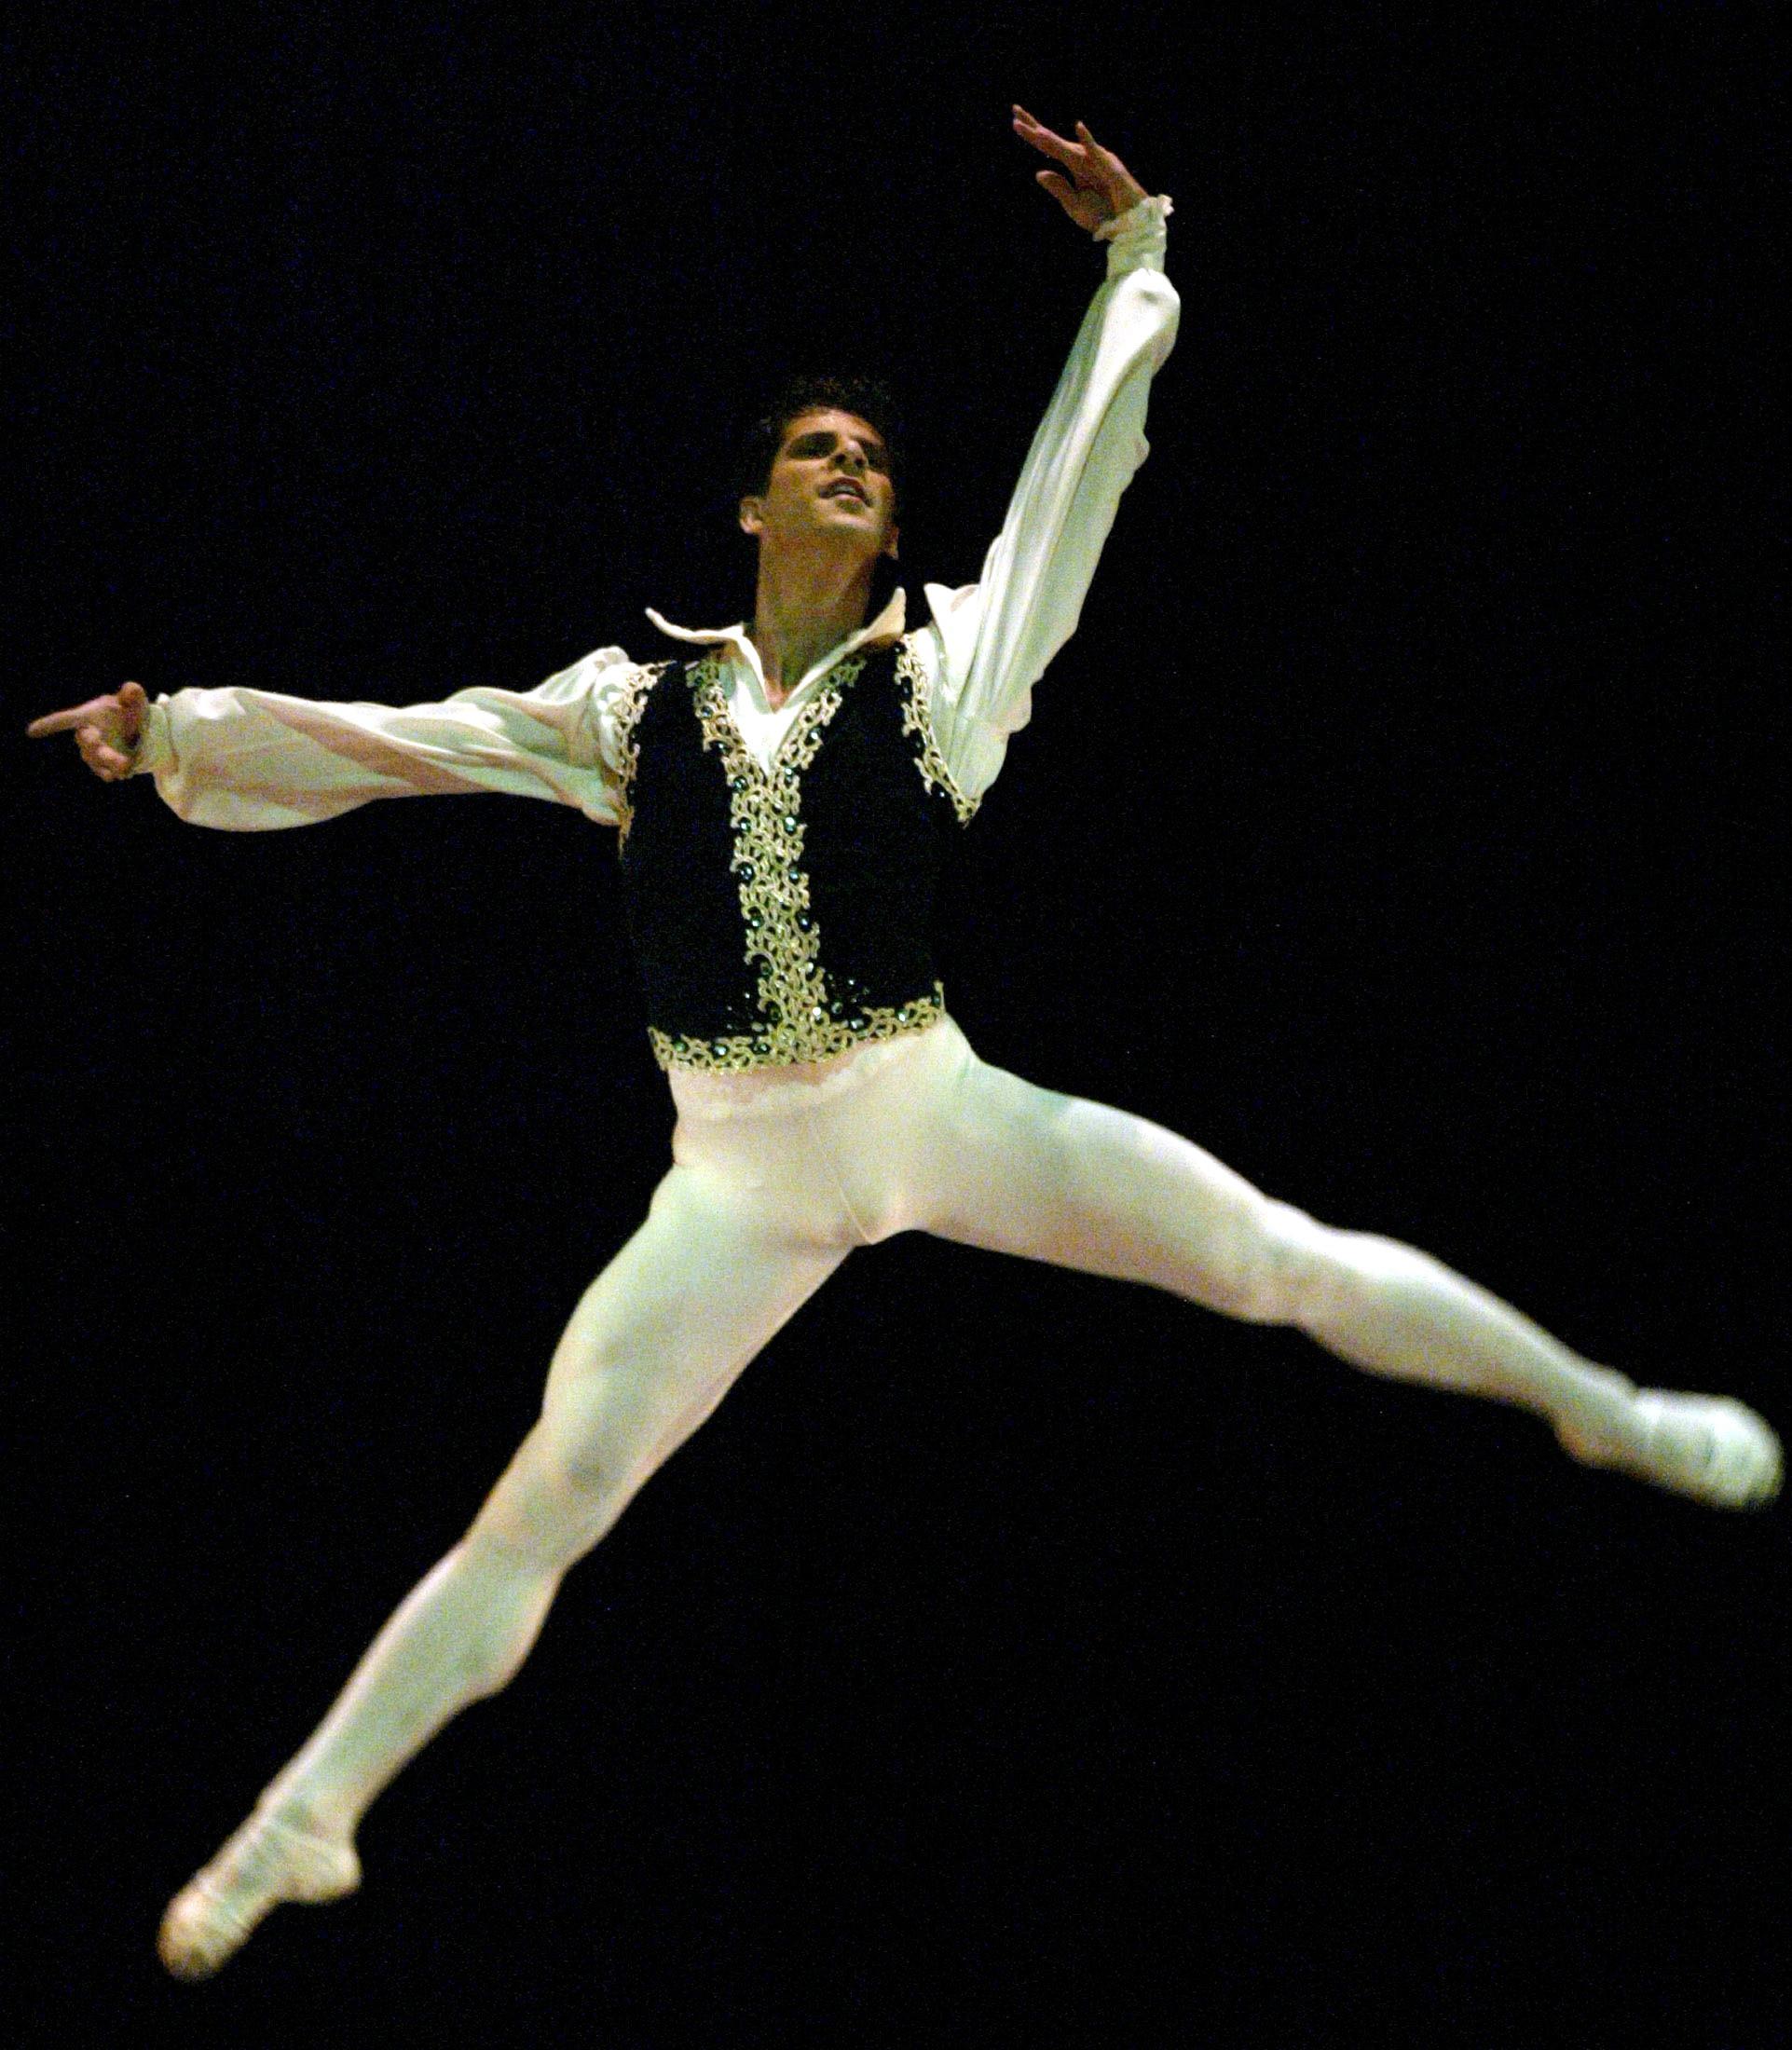 la danse classique pour un homme attire toujours autant de clich s ce danseur toile l 39 a. Black Bedroom Furniture Sets. Home Design Ideas